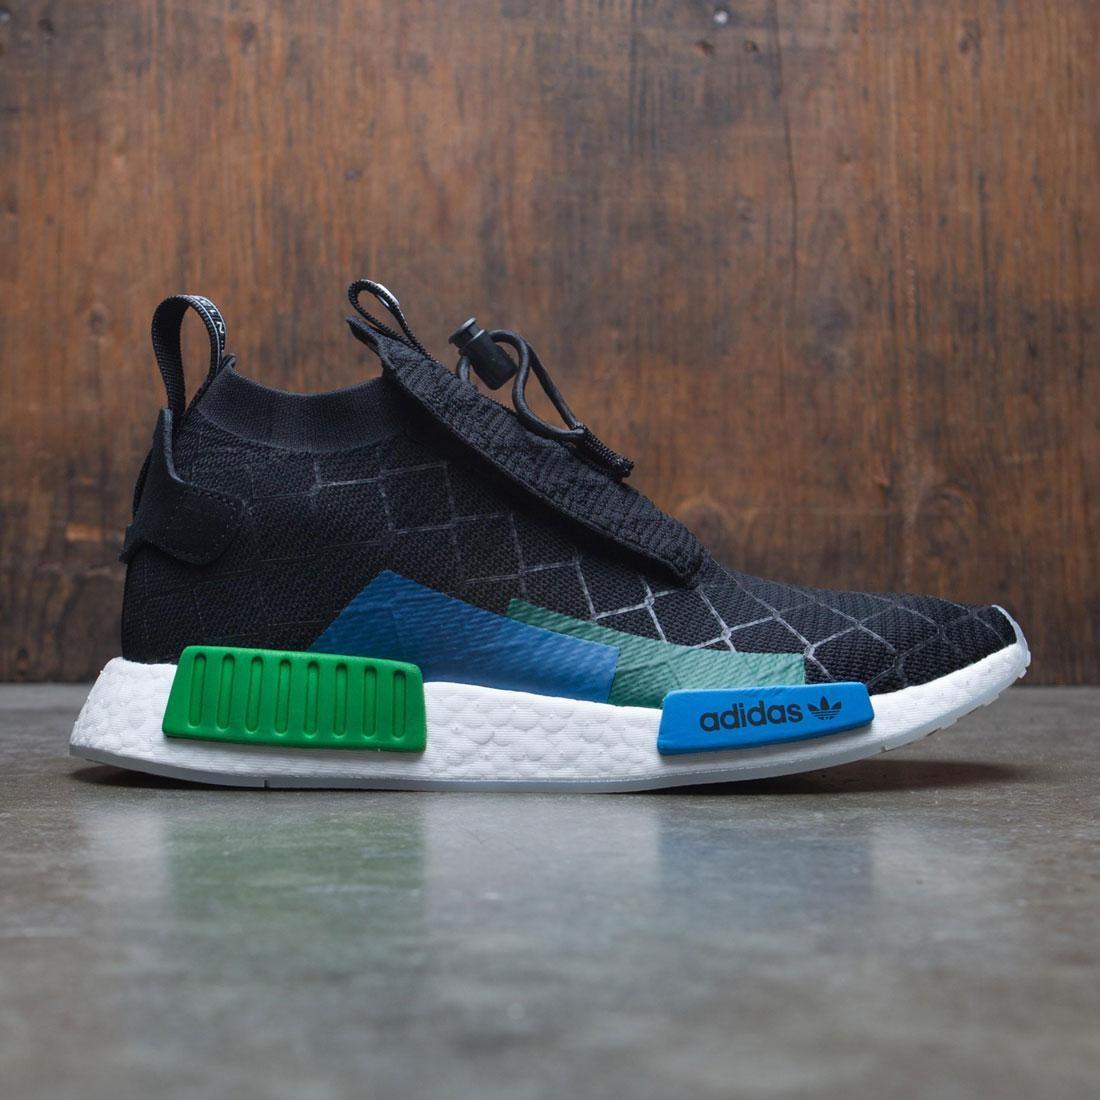 【海外限定】アディダス コア 黒 ブラック メンズ靴 スニーカー 【 ADIDAS BLACK CONSORTIUM X MITA MEN NMD TS1 PK CORE FOOTWEAR WHITE 】